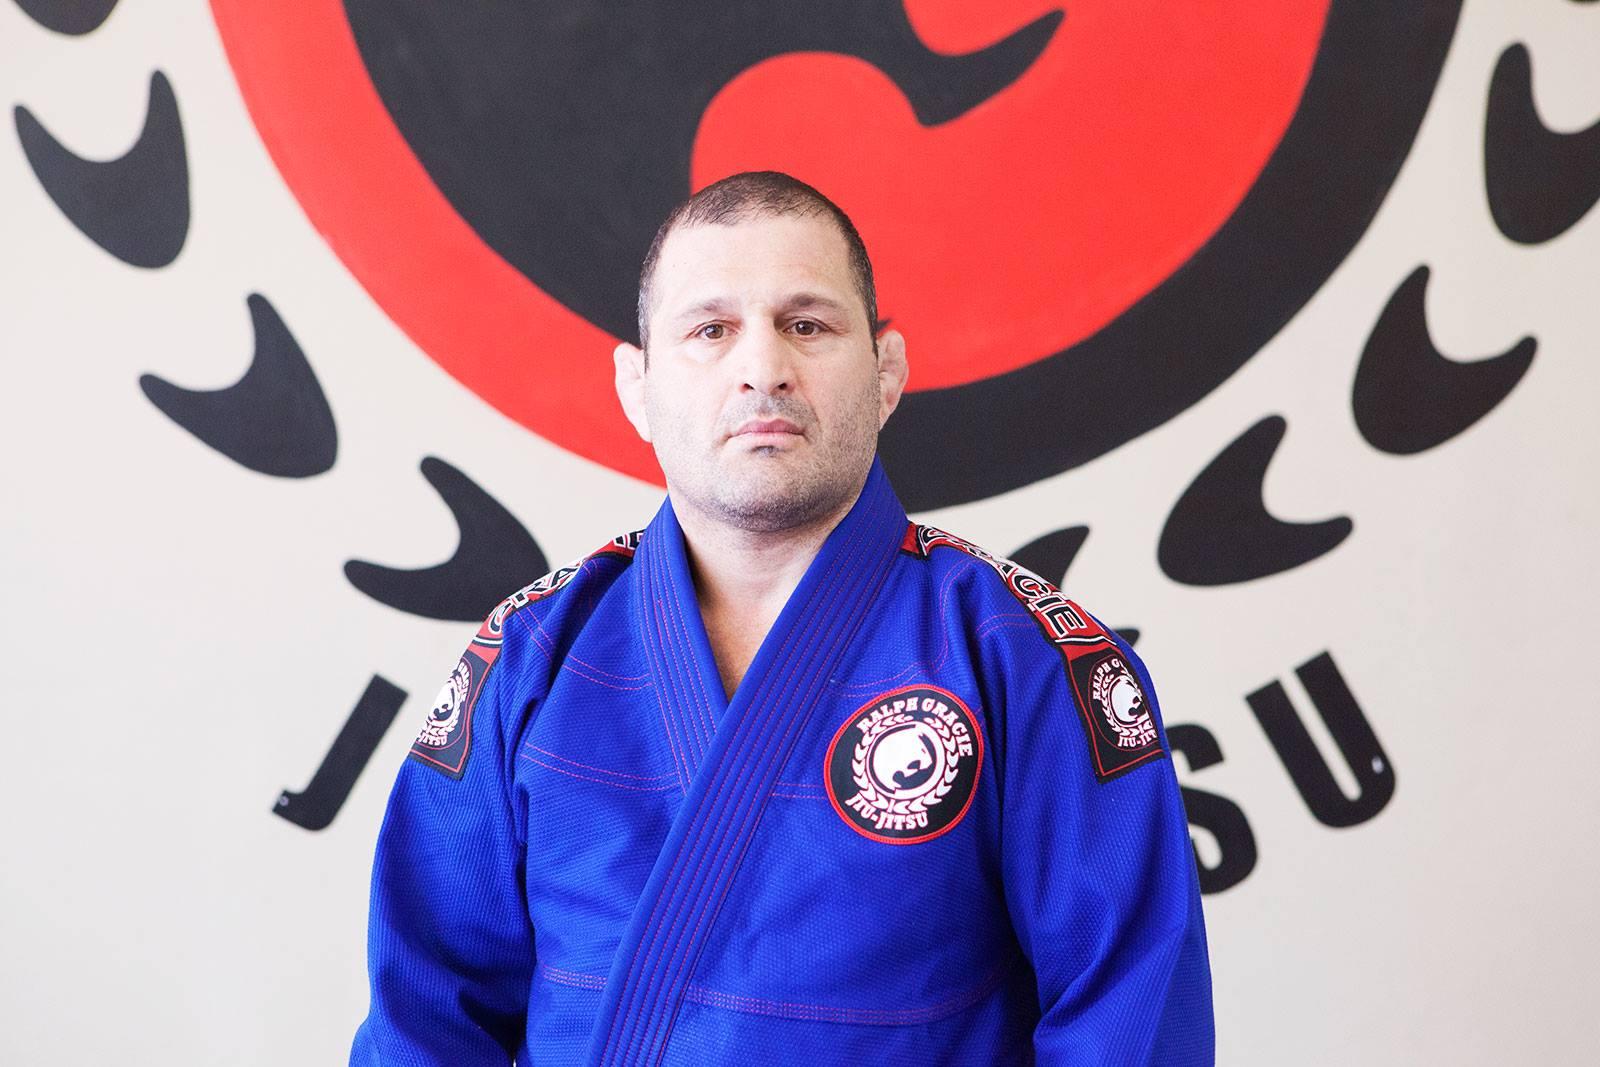 綜合格鬥家格雷西因無故毆打巴柔冠軍阿爾梅達被判入獄。Ralph Gracie臉書